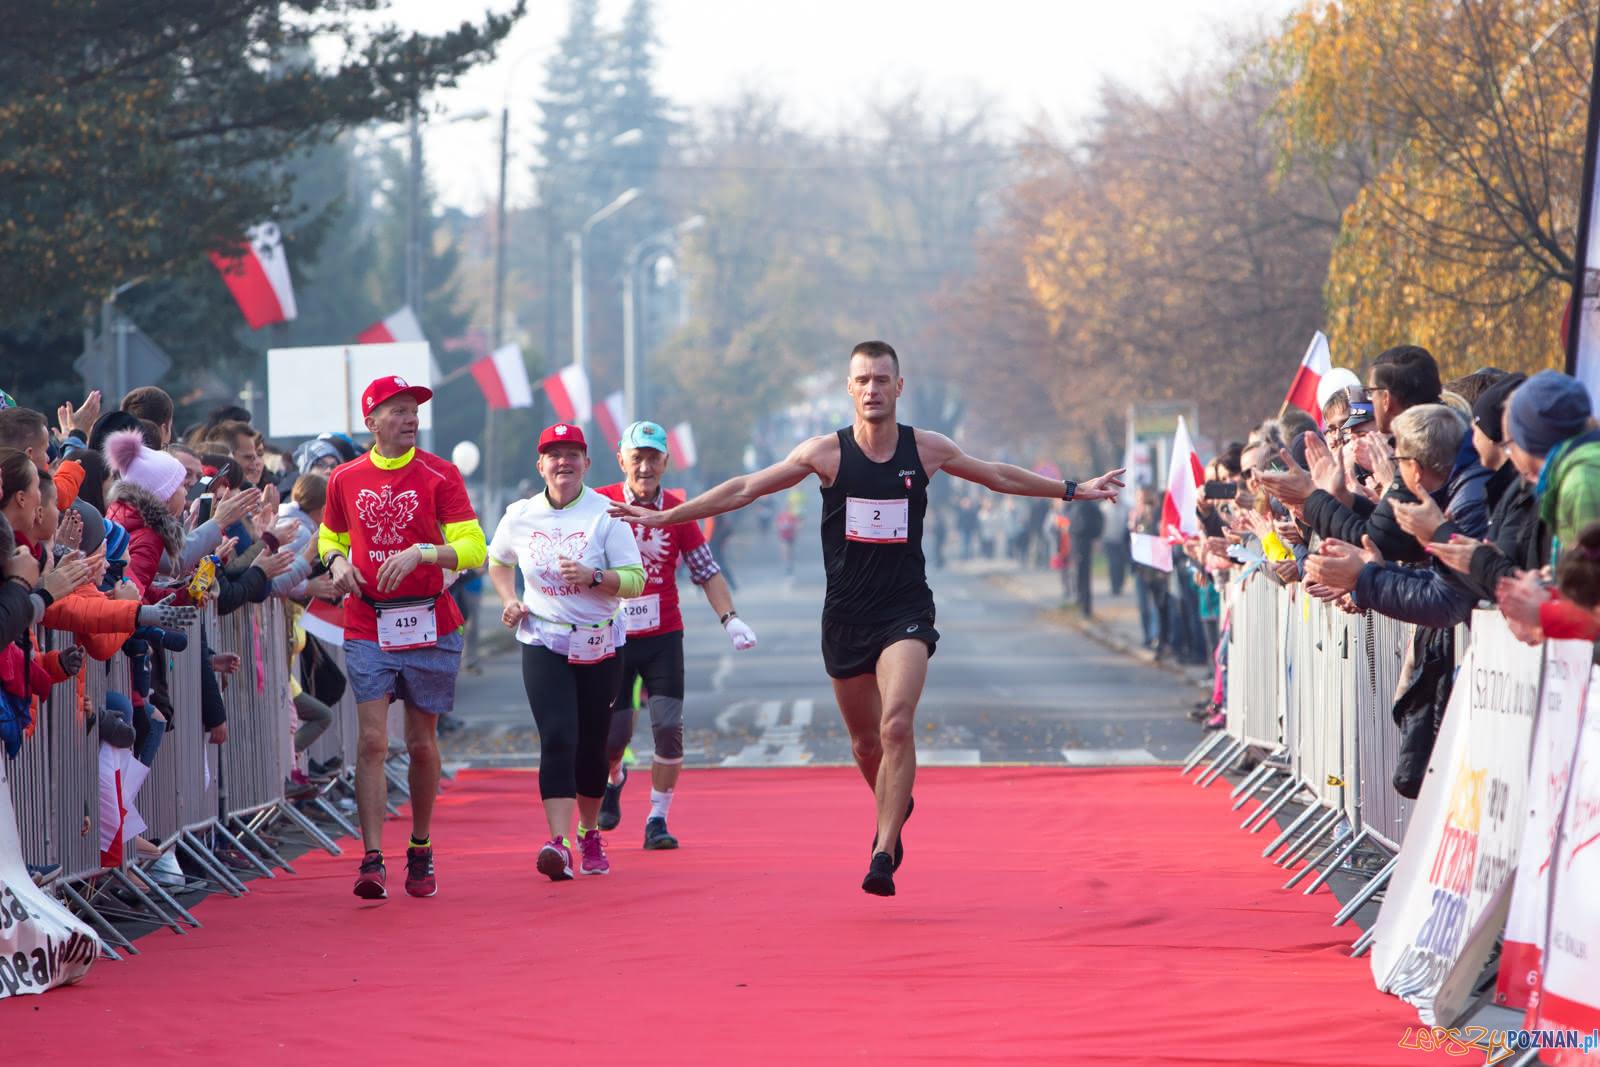 8. Lubonski Bieg Niepodleglosci  Foto: lepszyPOZNAN.pl/Piotr Rychter